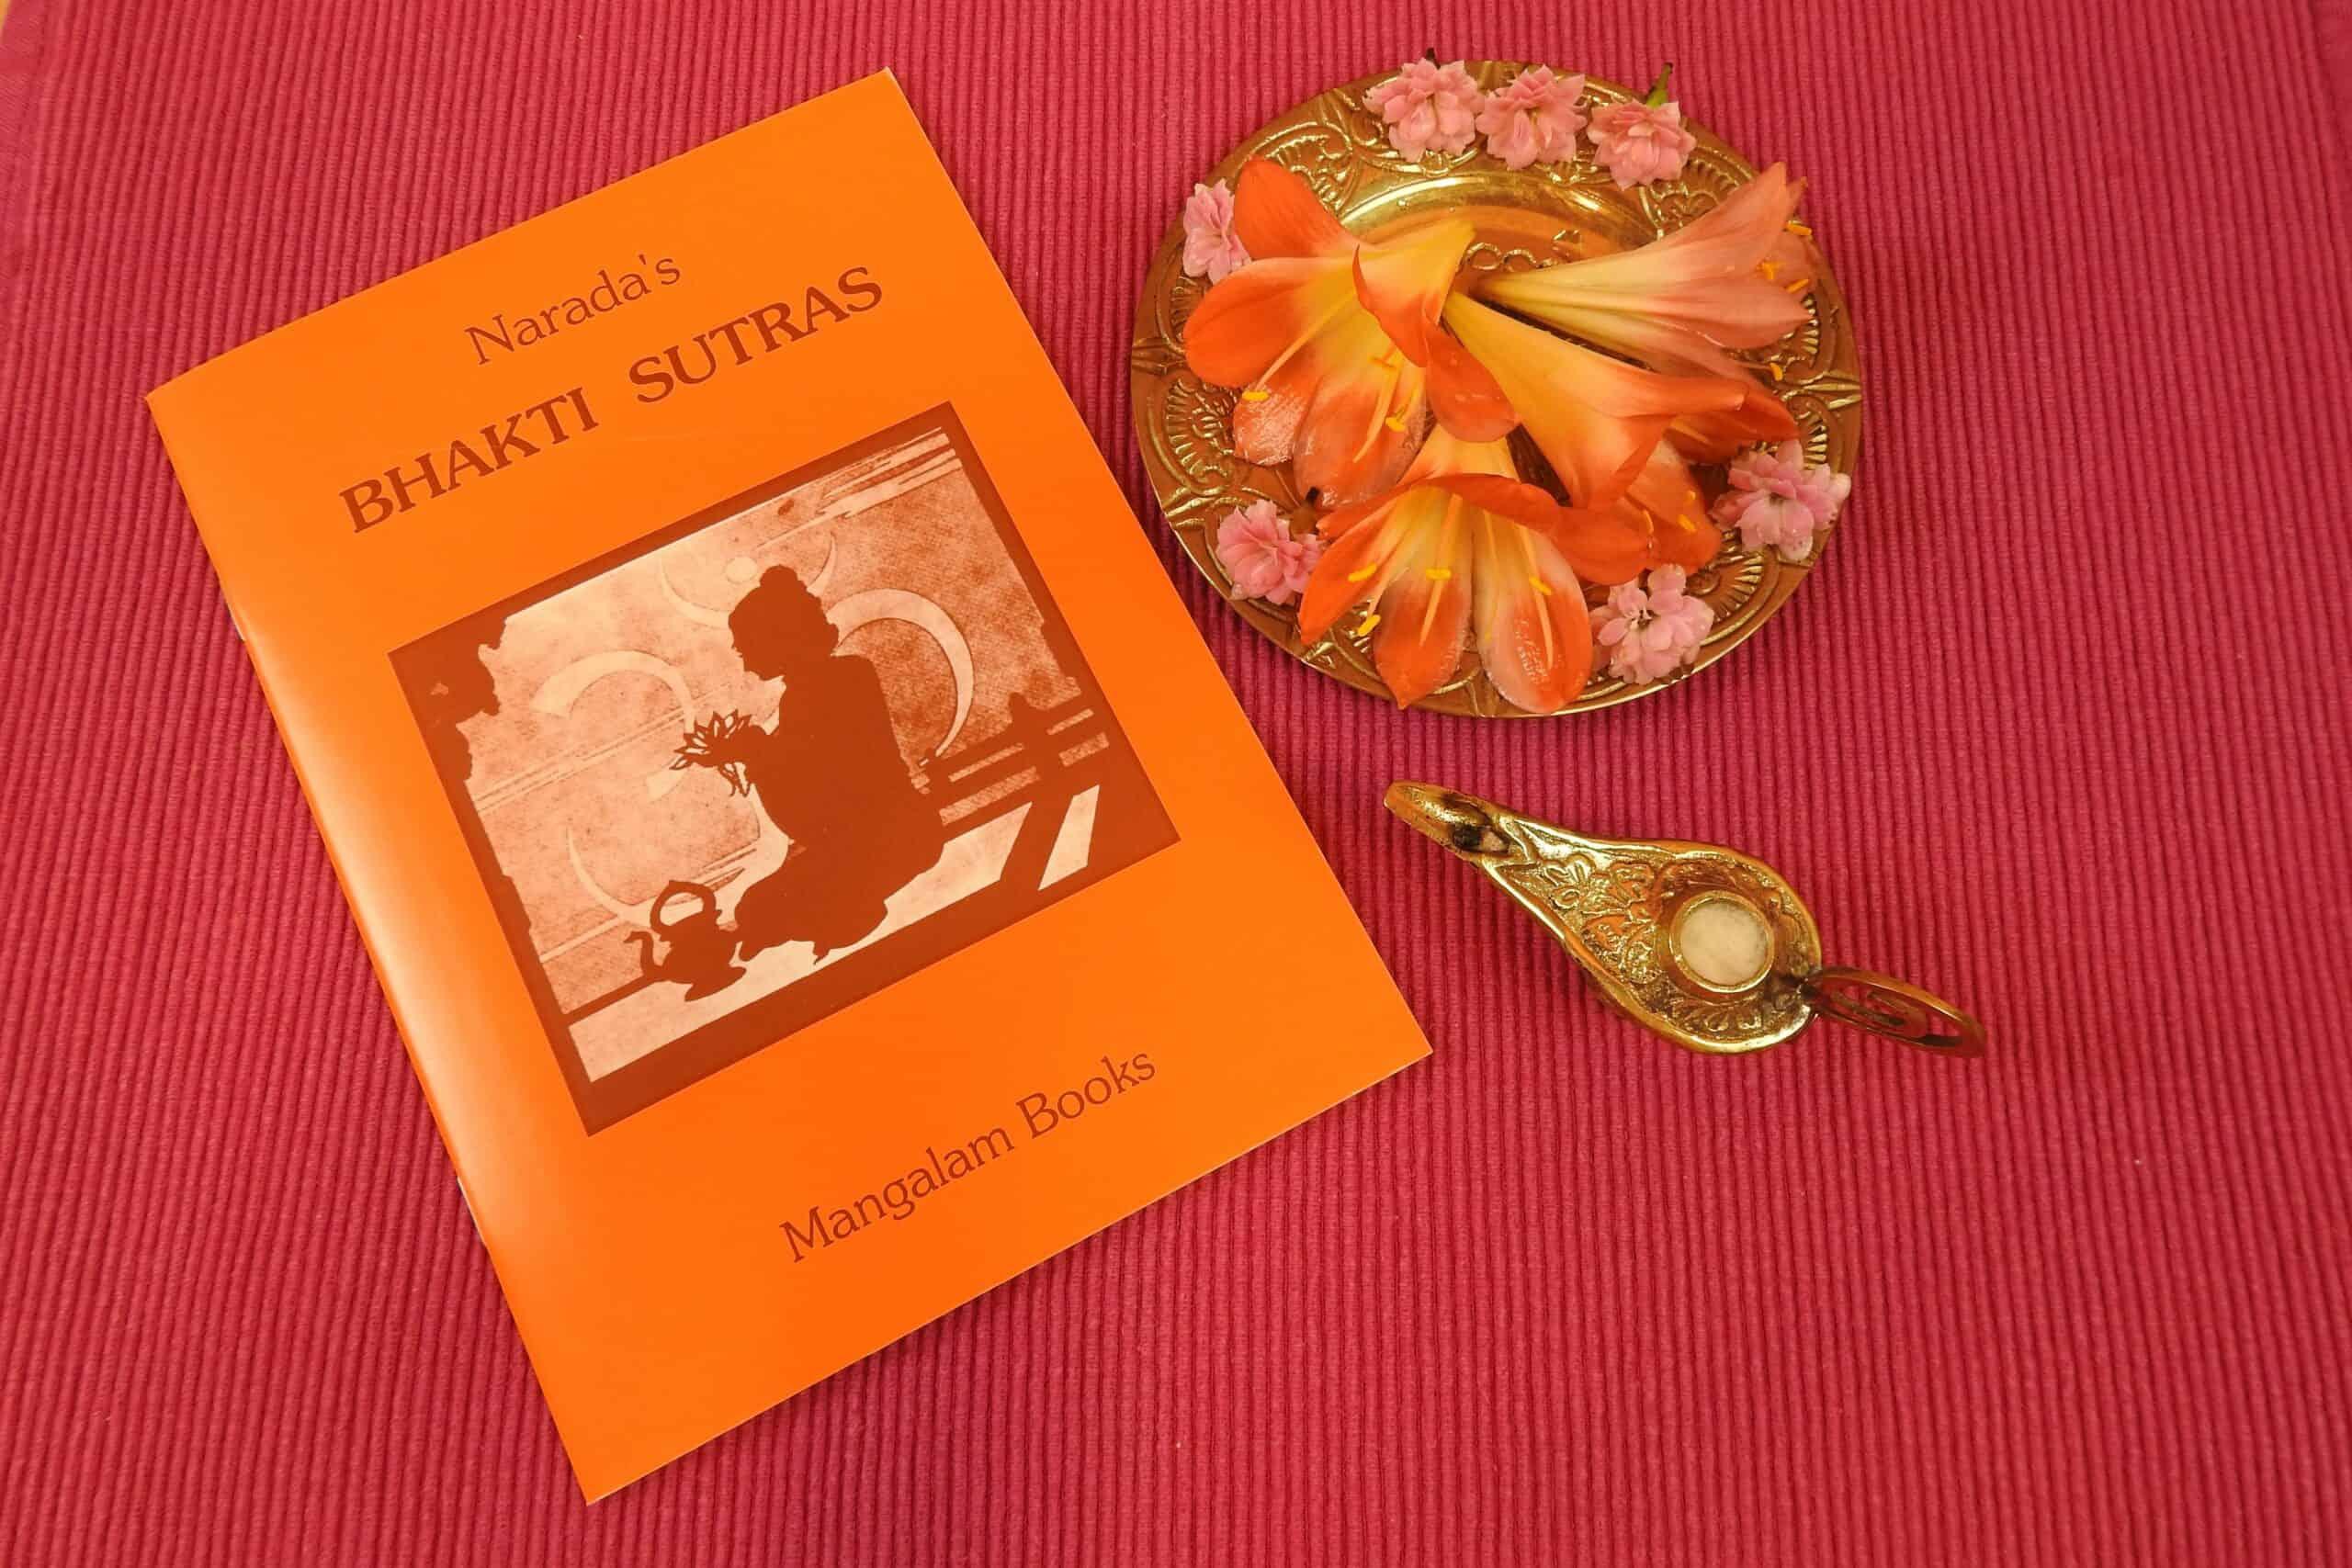 Live Online-Kurs: <br />Lehren über die göttliche Liebe - Narada Bhakti Yoga Sutren